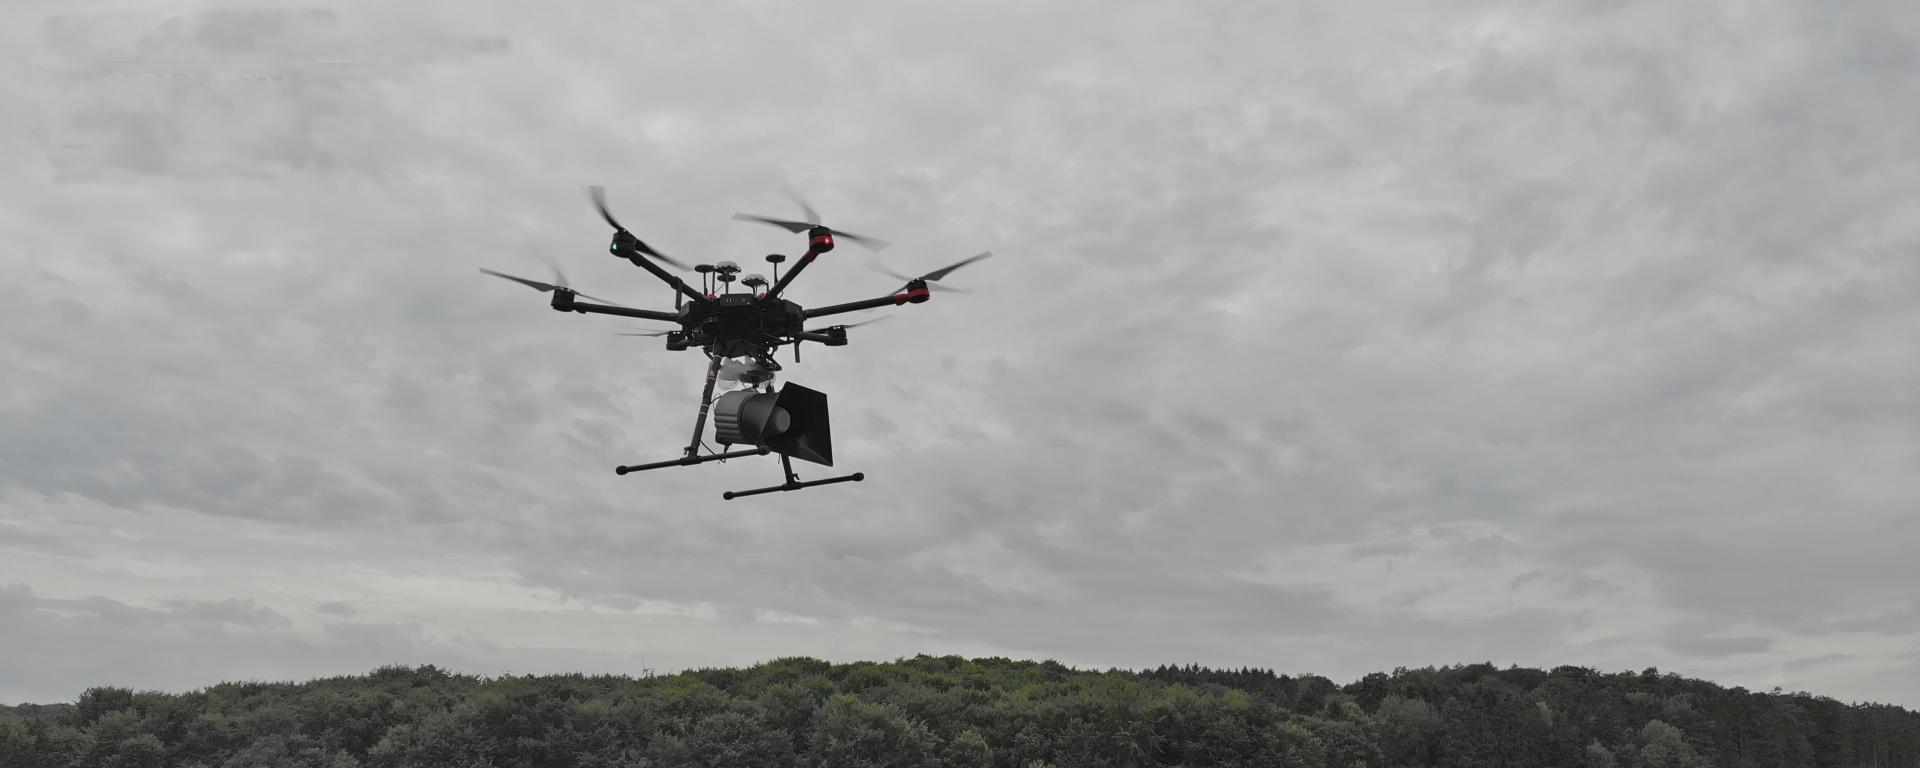 Drone loudspeaker speaker CDL-136 DJI Matrice 600 Pro